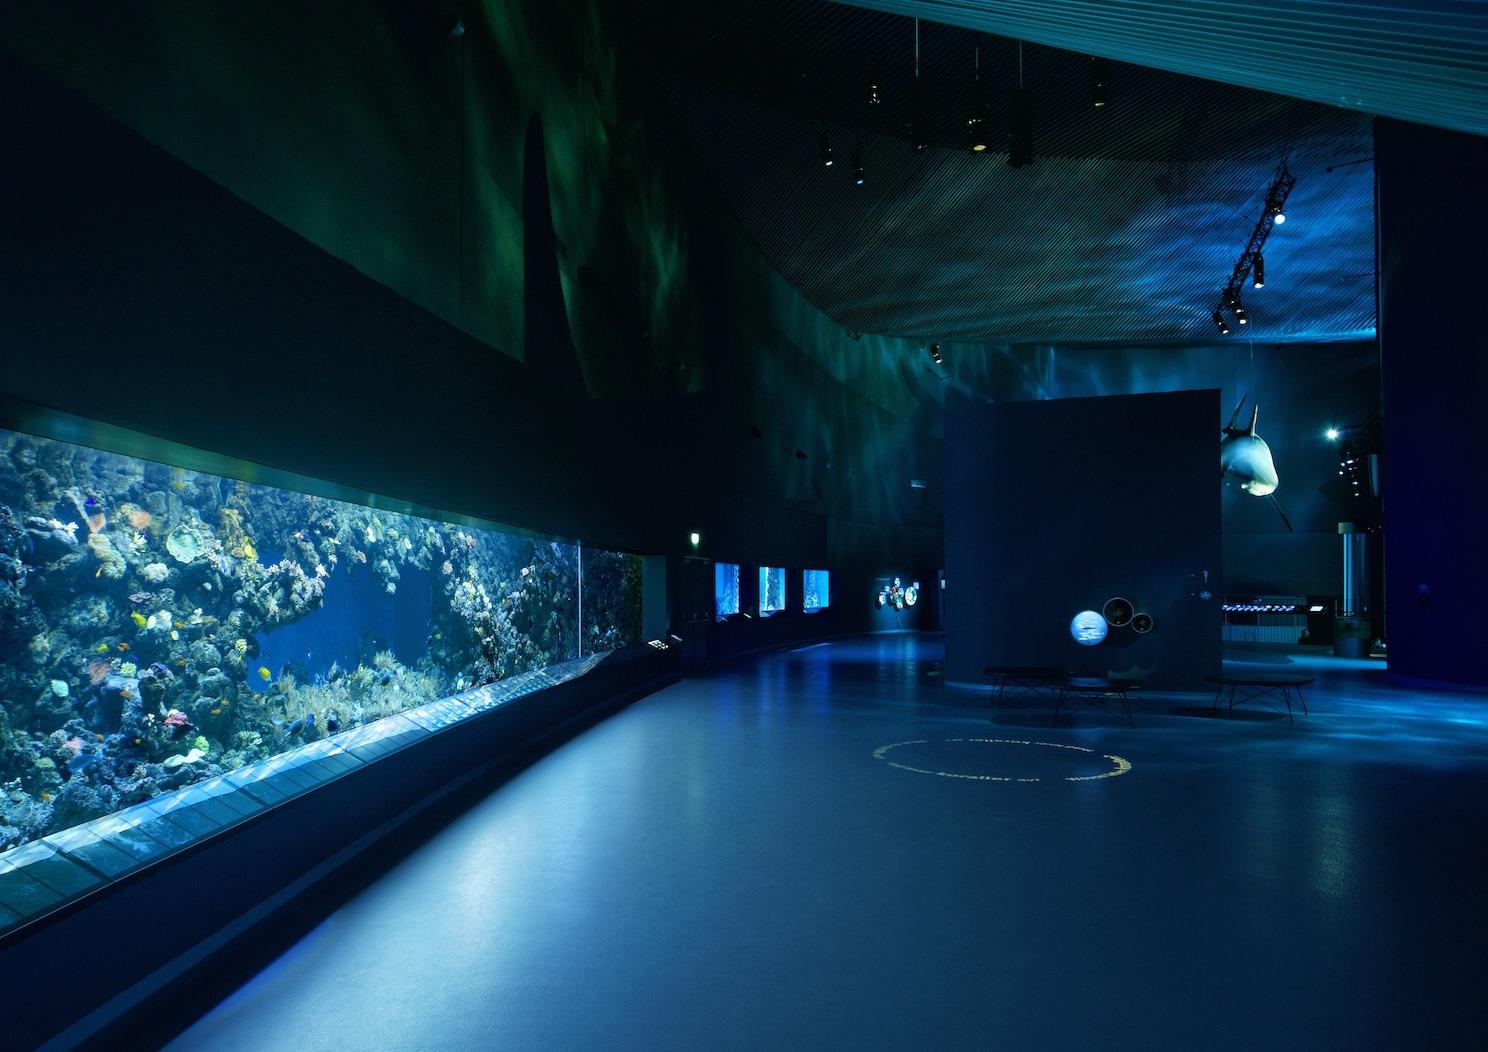 ... The Blue Planet Aquarium public Hammerhead_shark - La planete bleue